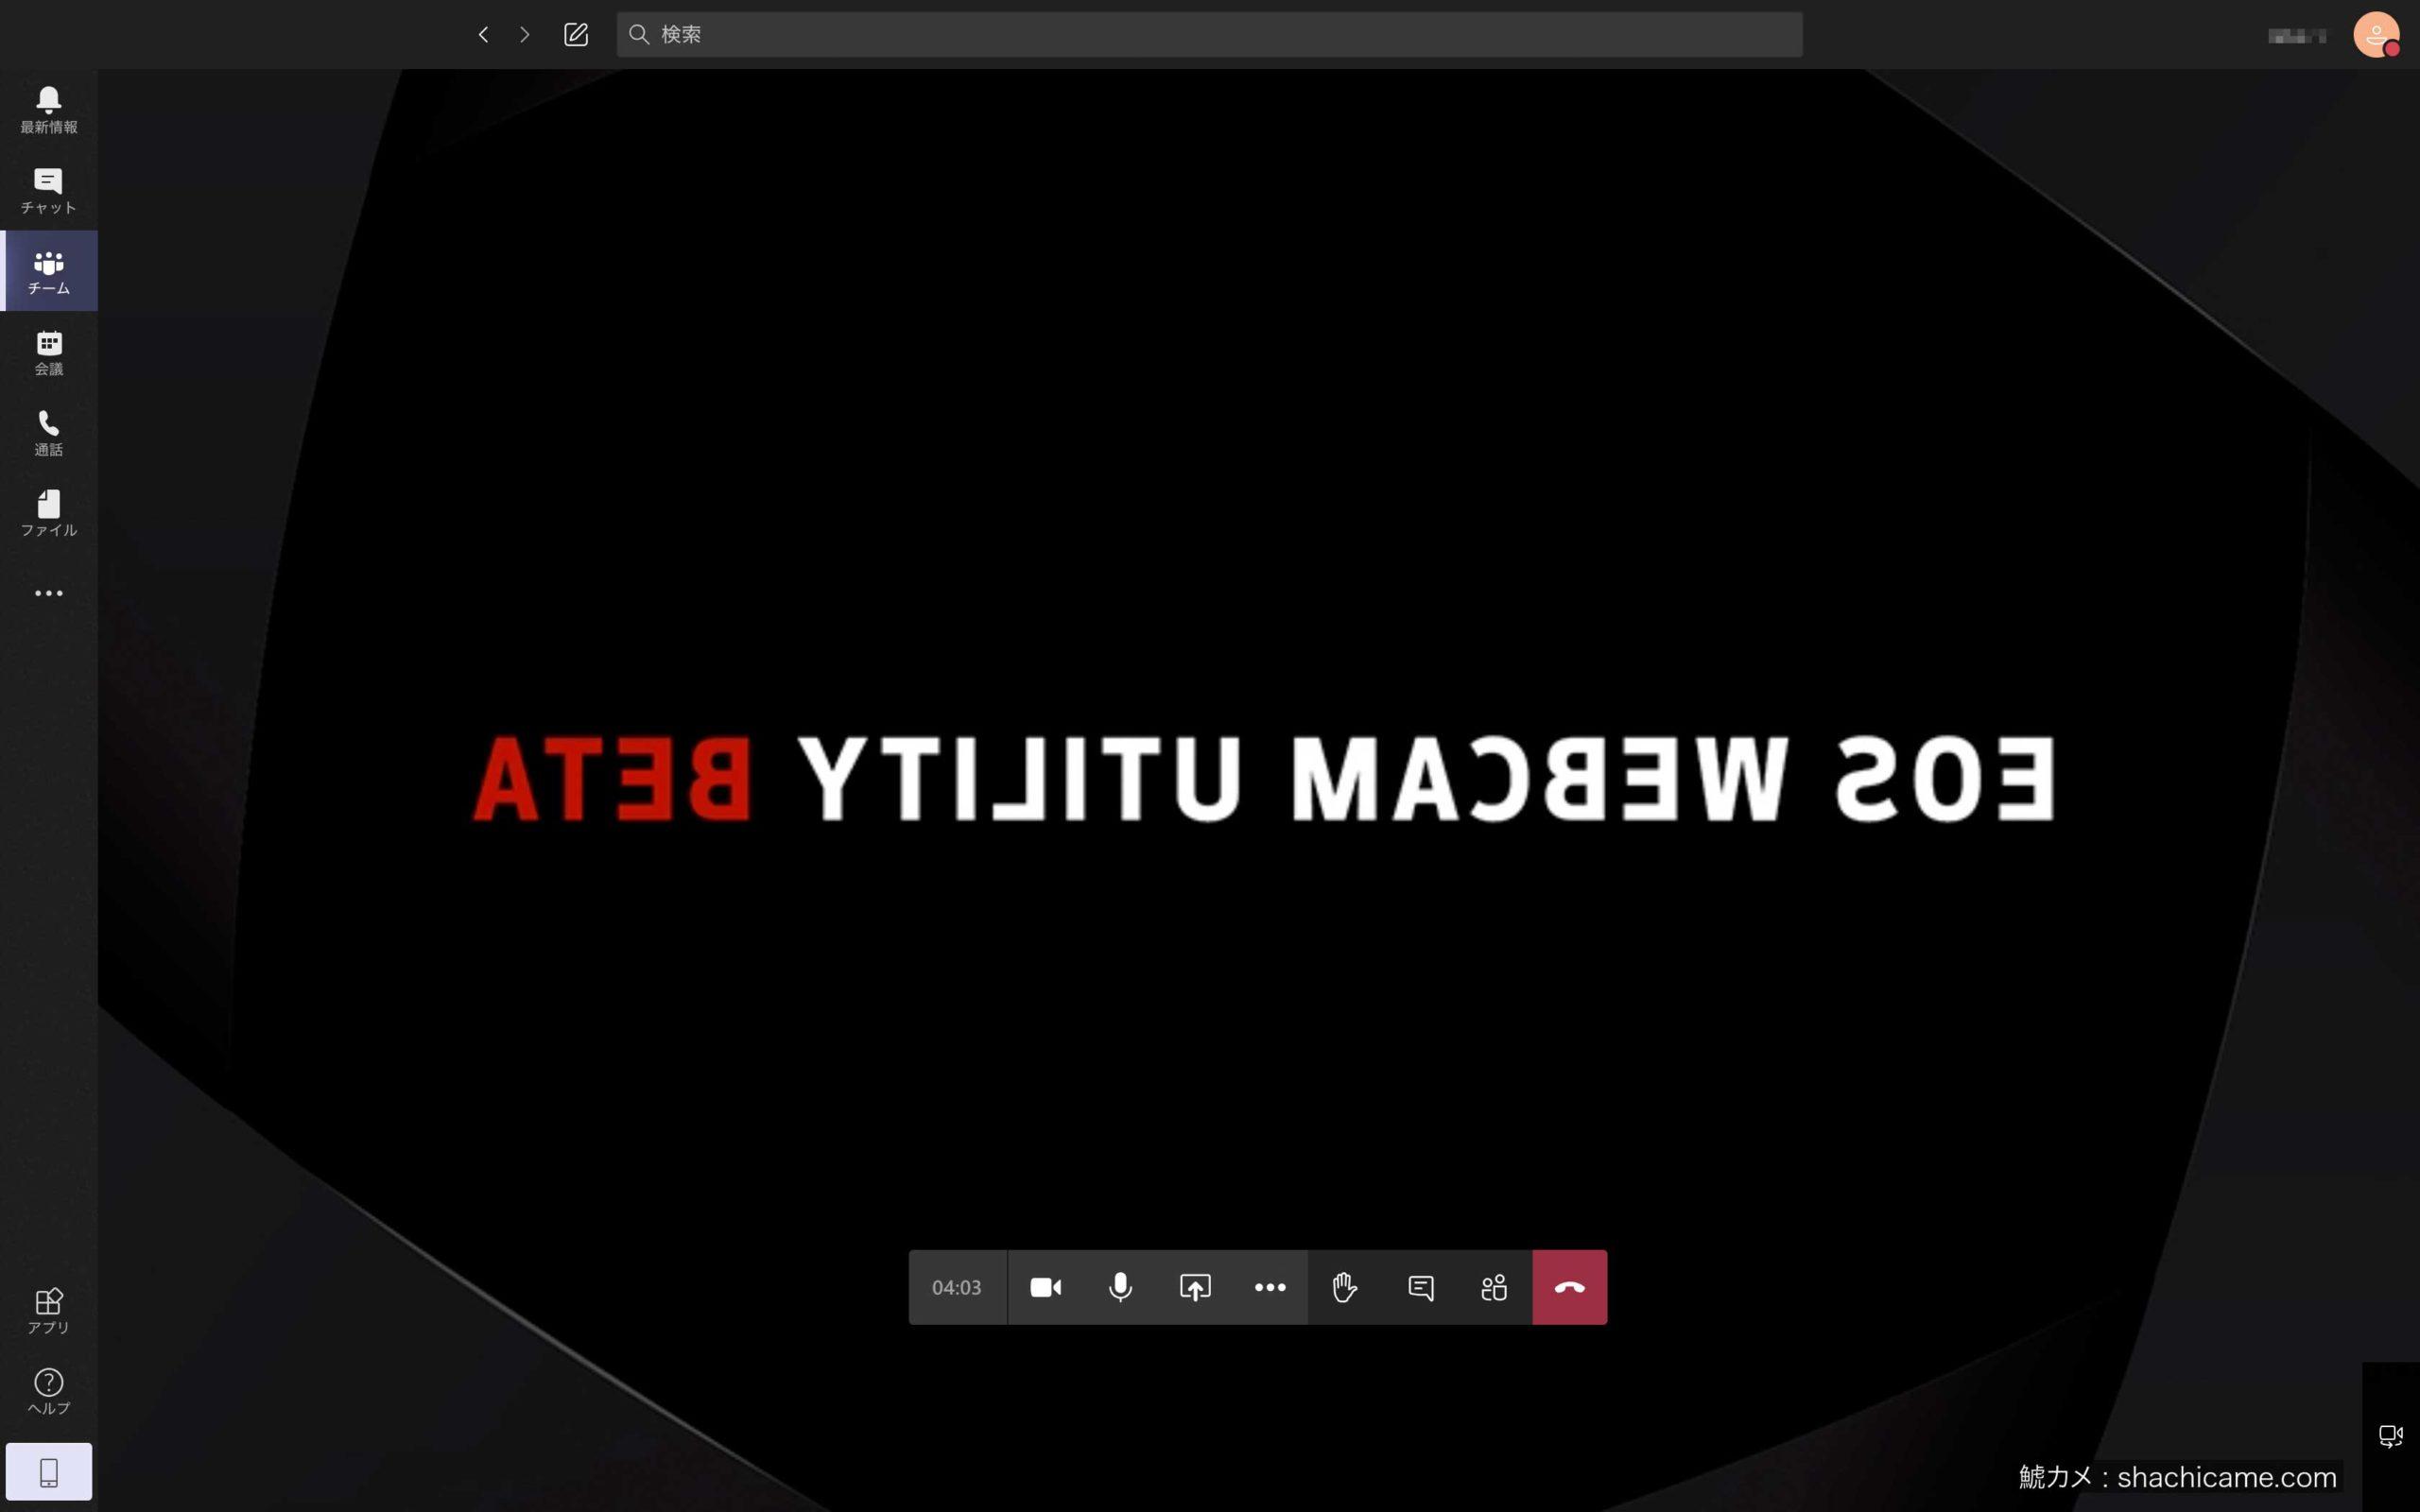 Canon EOS WEBCAM UTILITY beta Teams 03